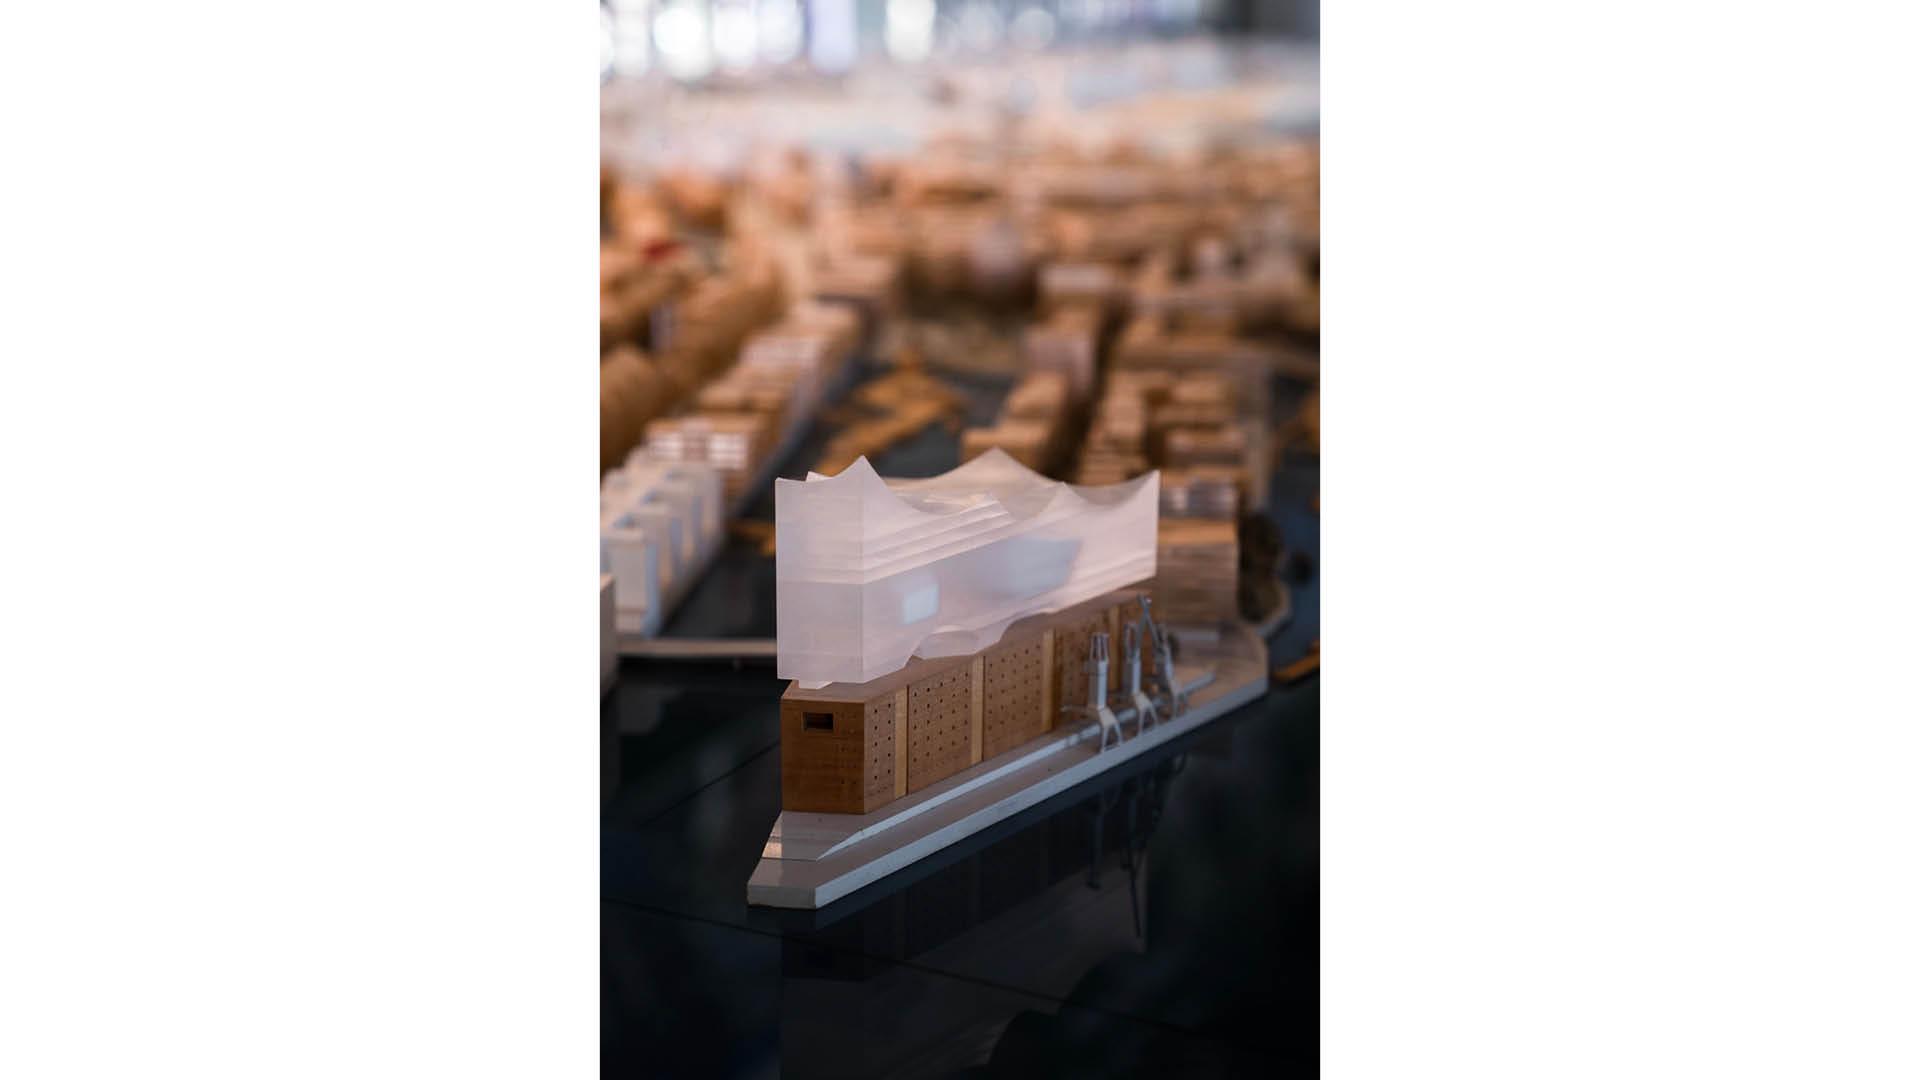 Modell der Elbphilharmonie